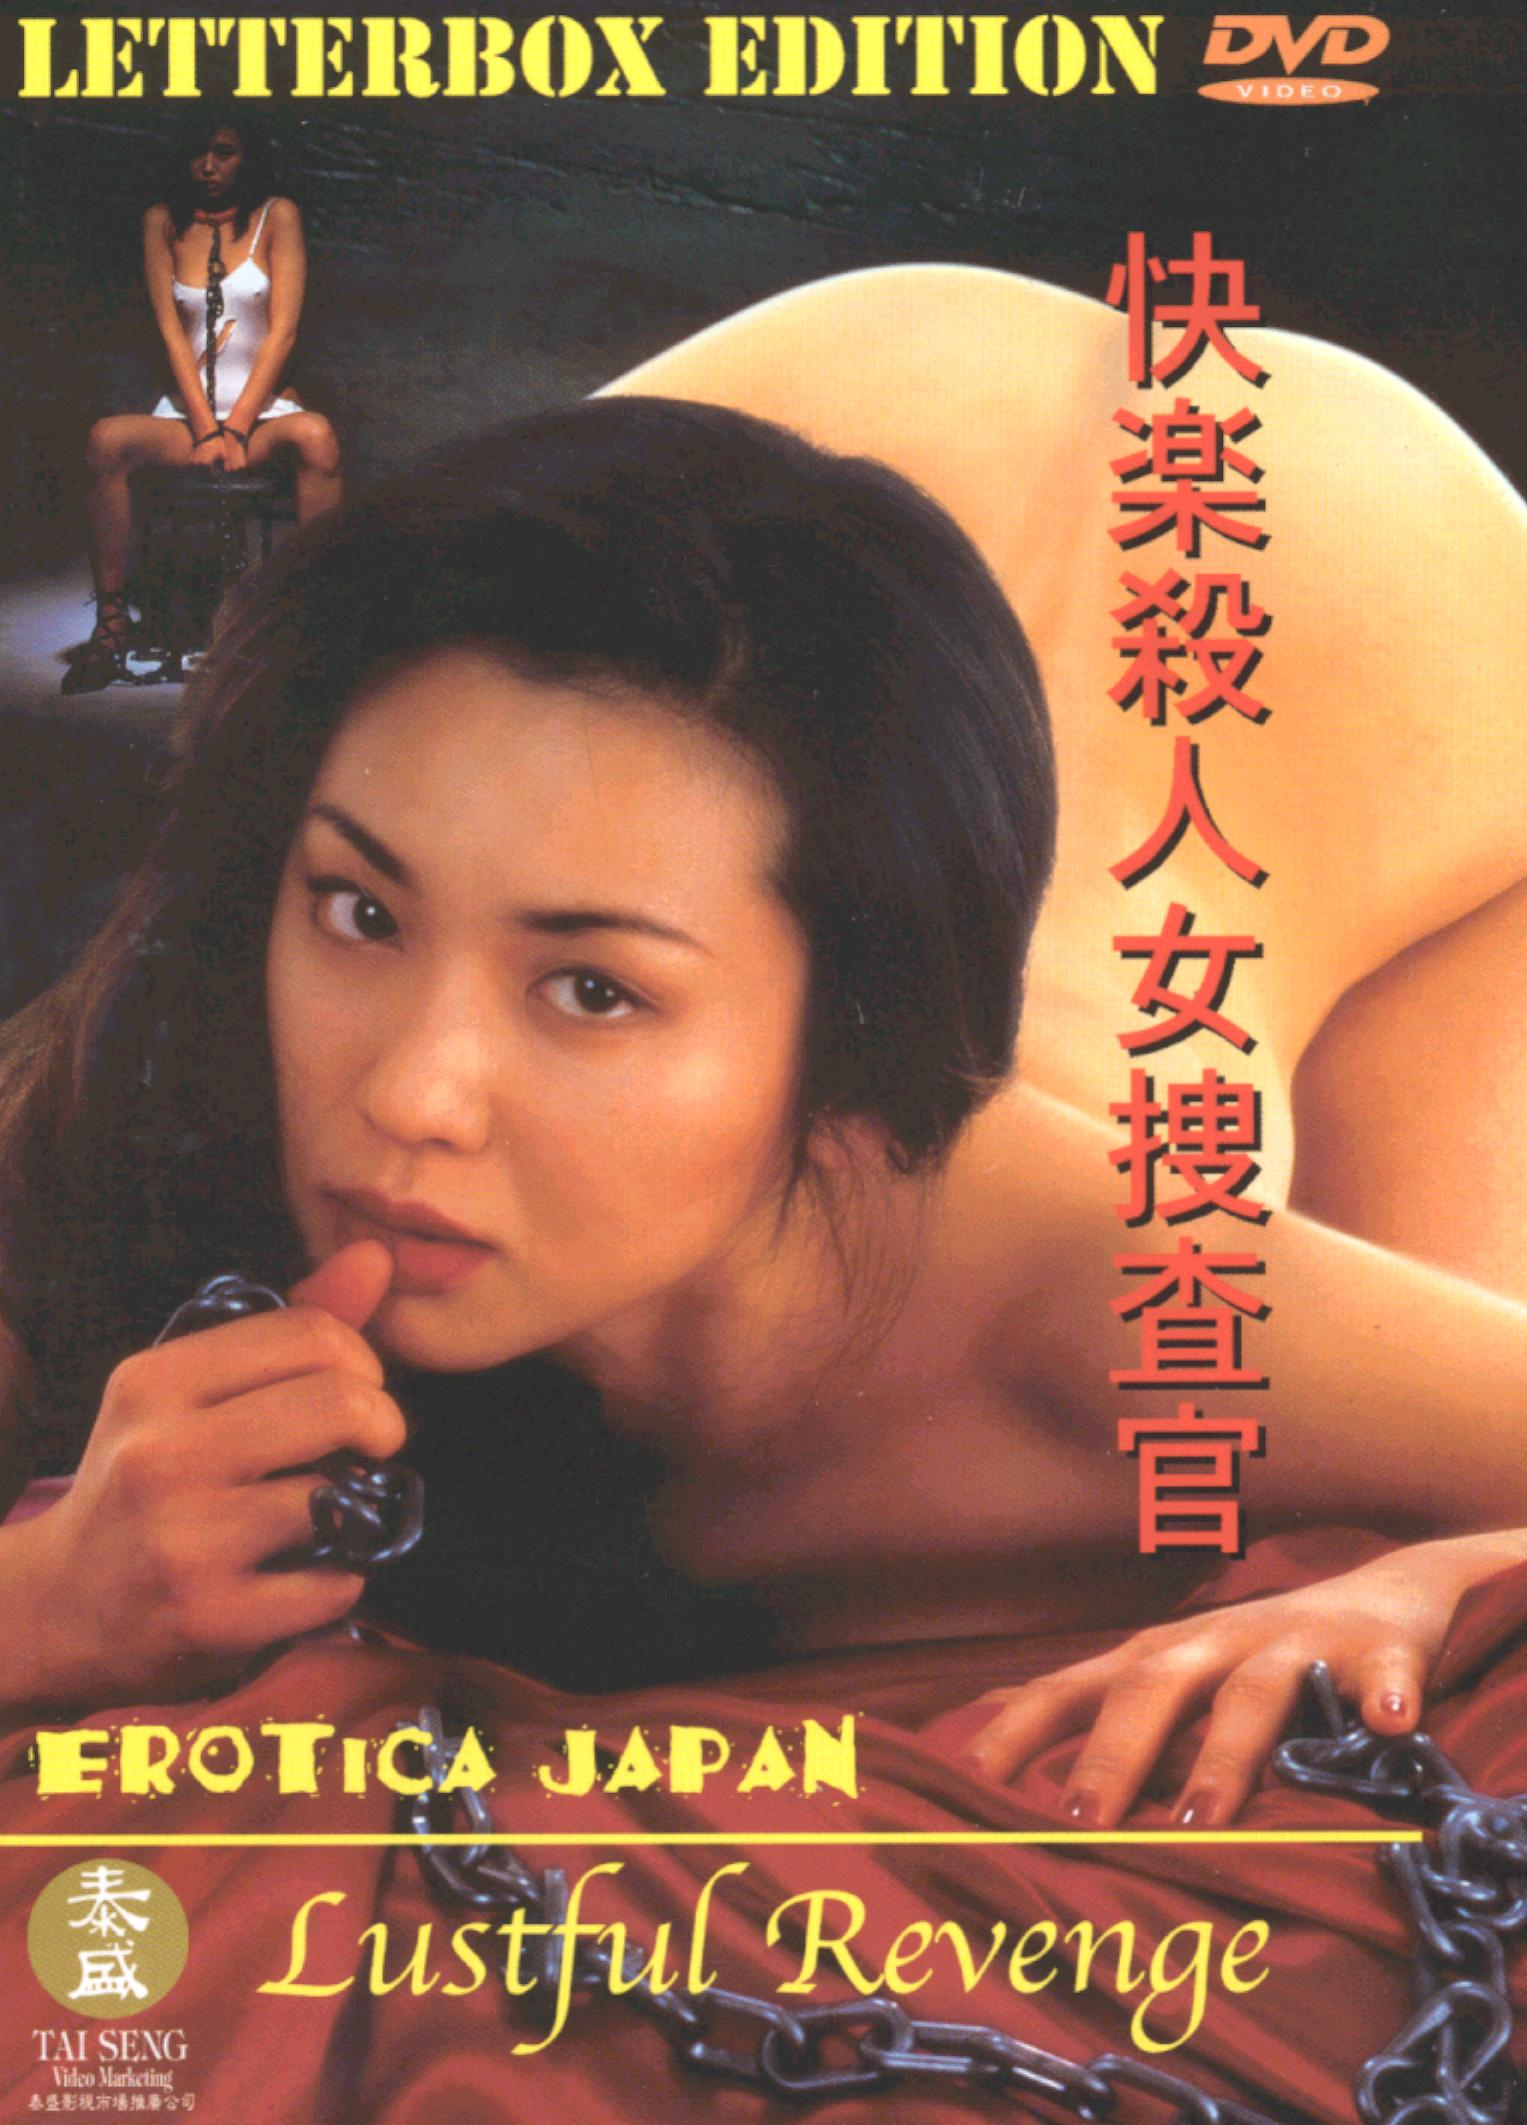 Японский эротик филмы 12 фотография